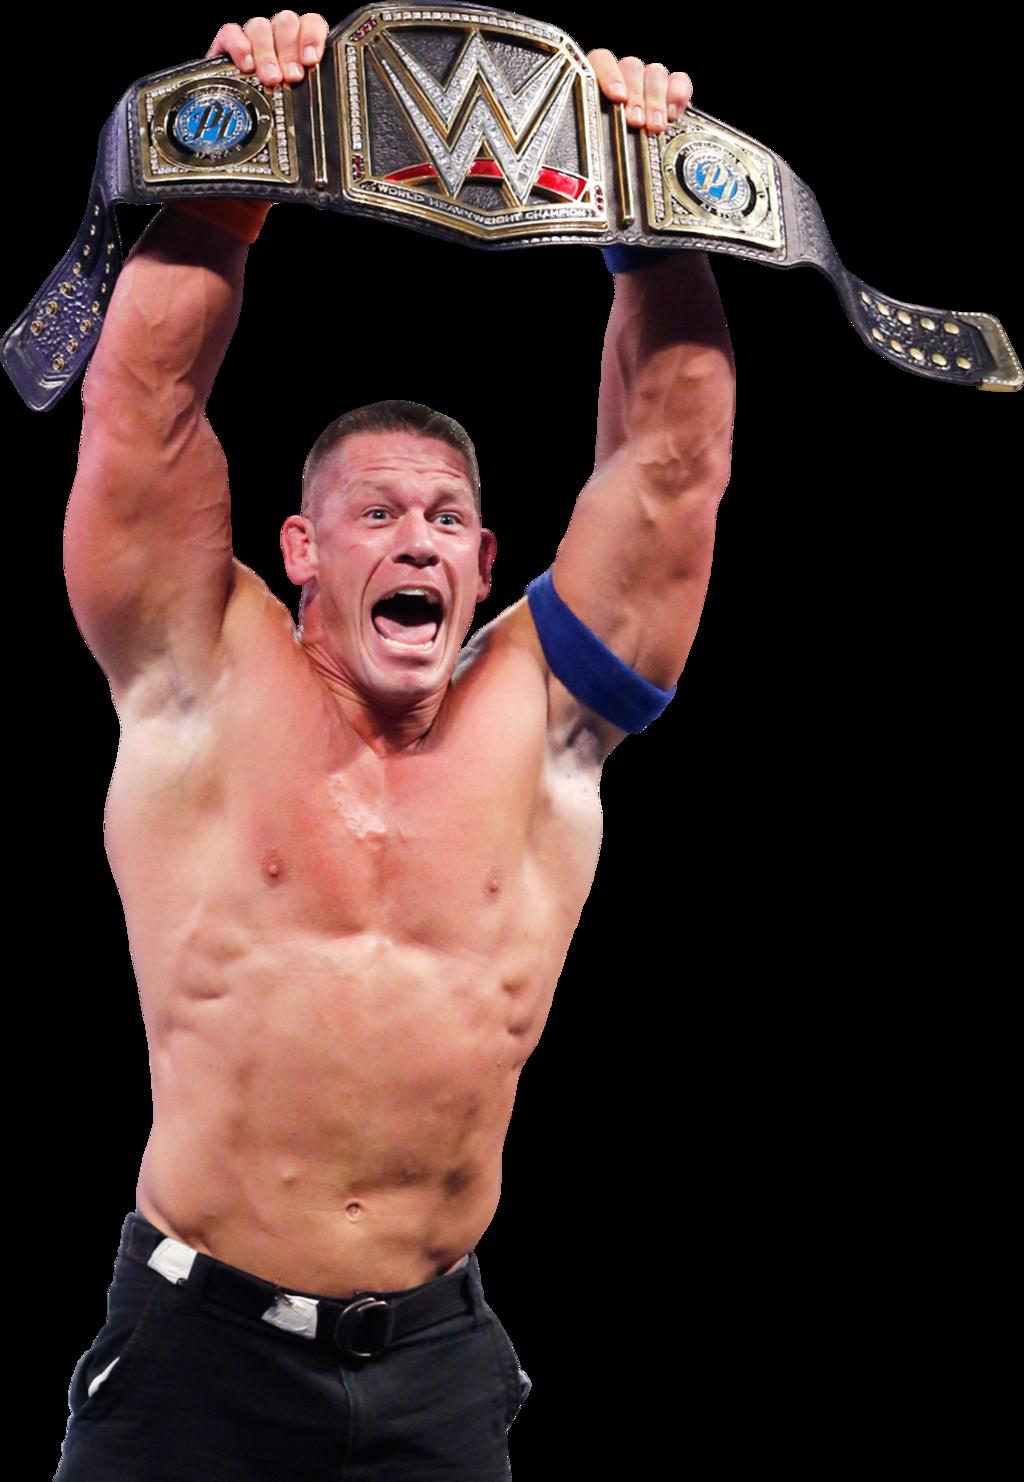 John Cena Wins The WWE Champi